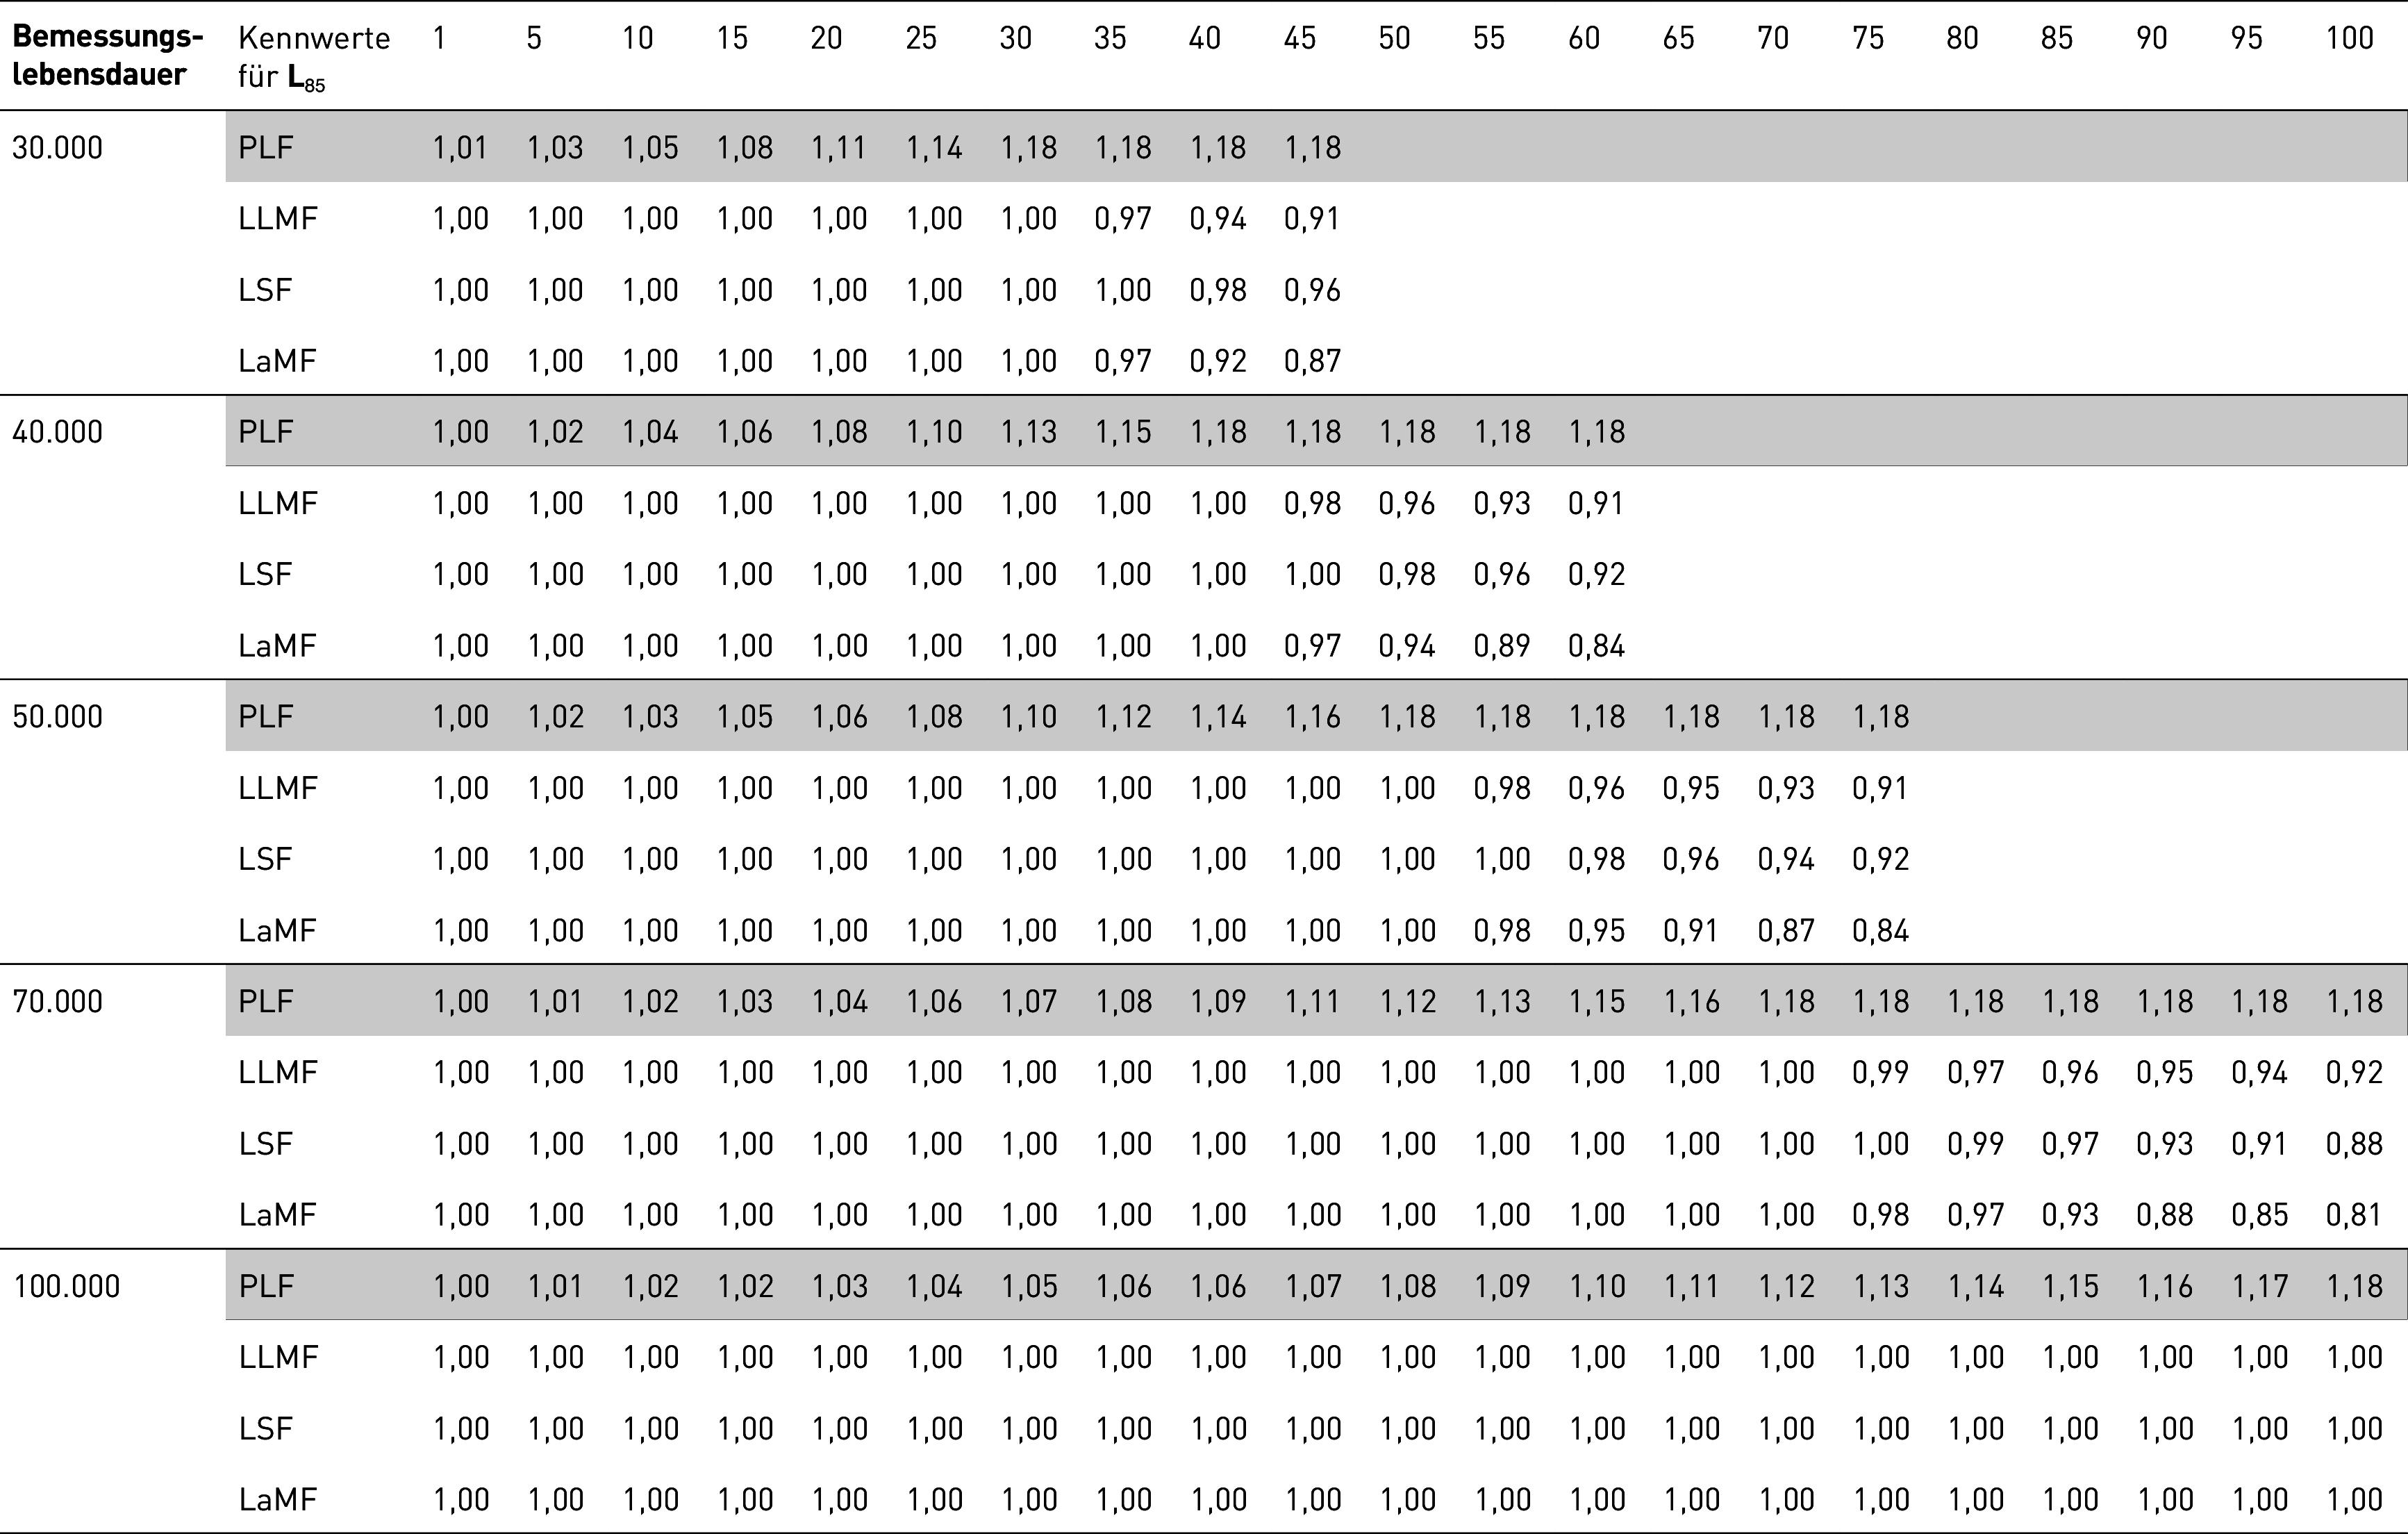 Charmant Bearbeiten Einer Tabelle Für 6Klasse Galerie - Mathe ...